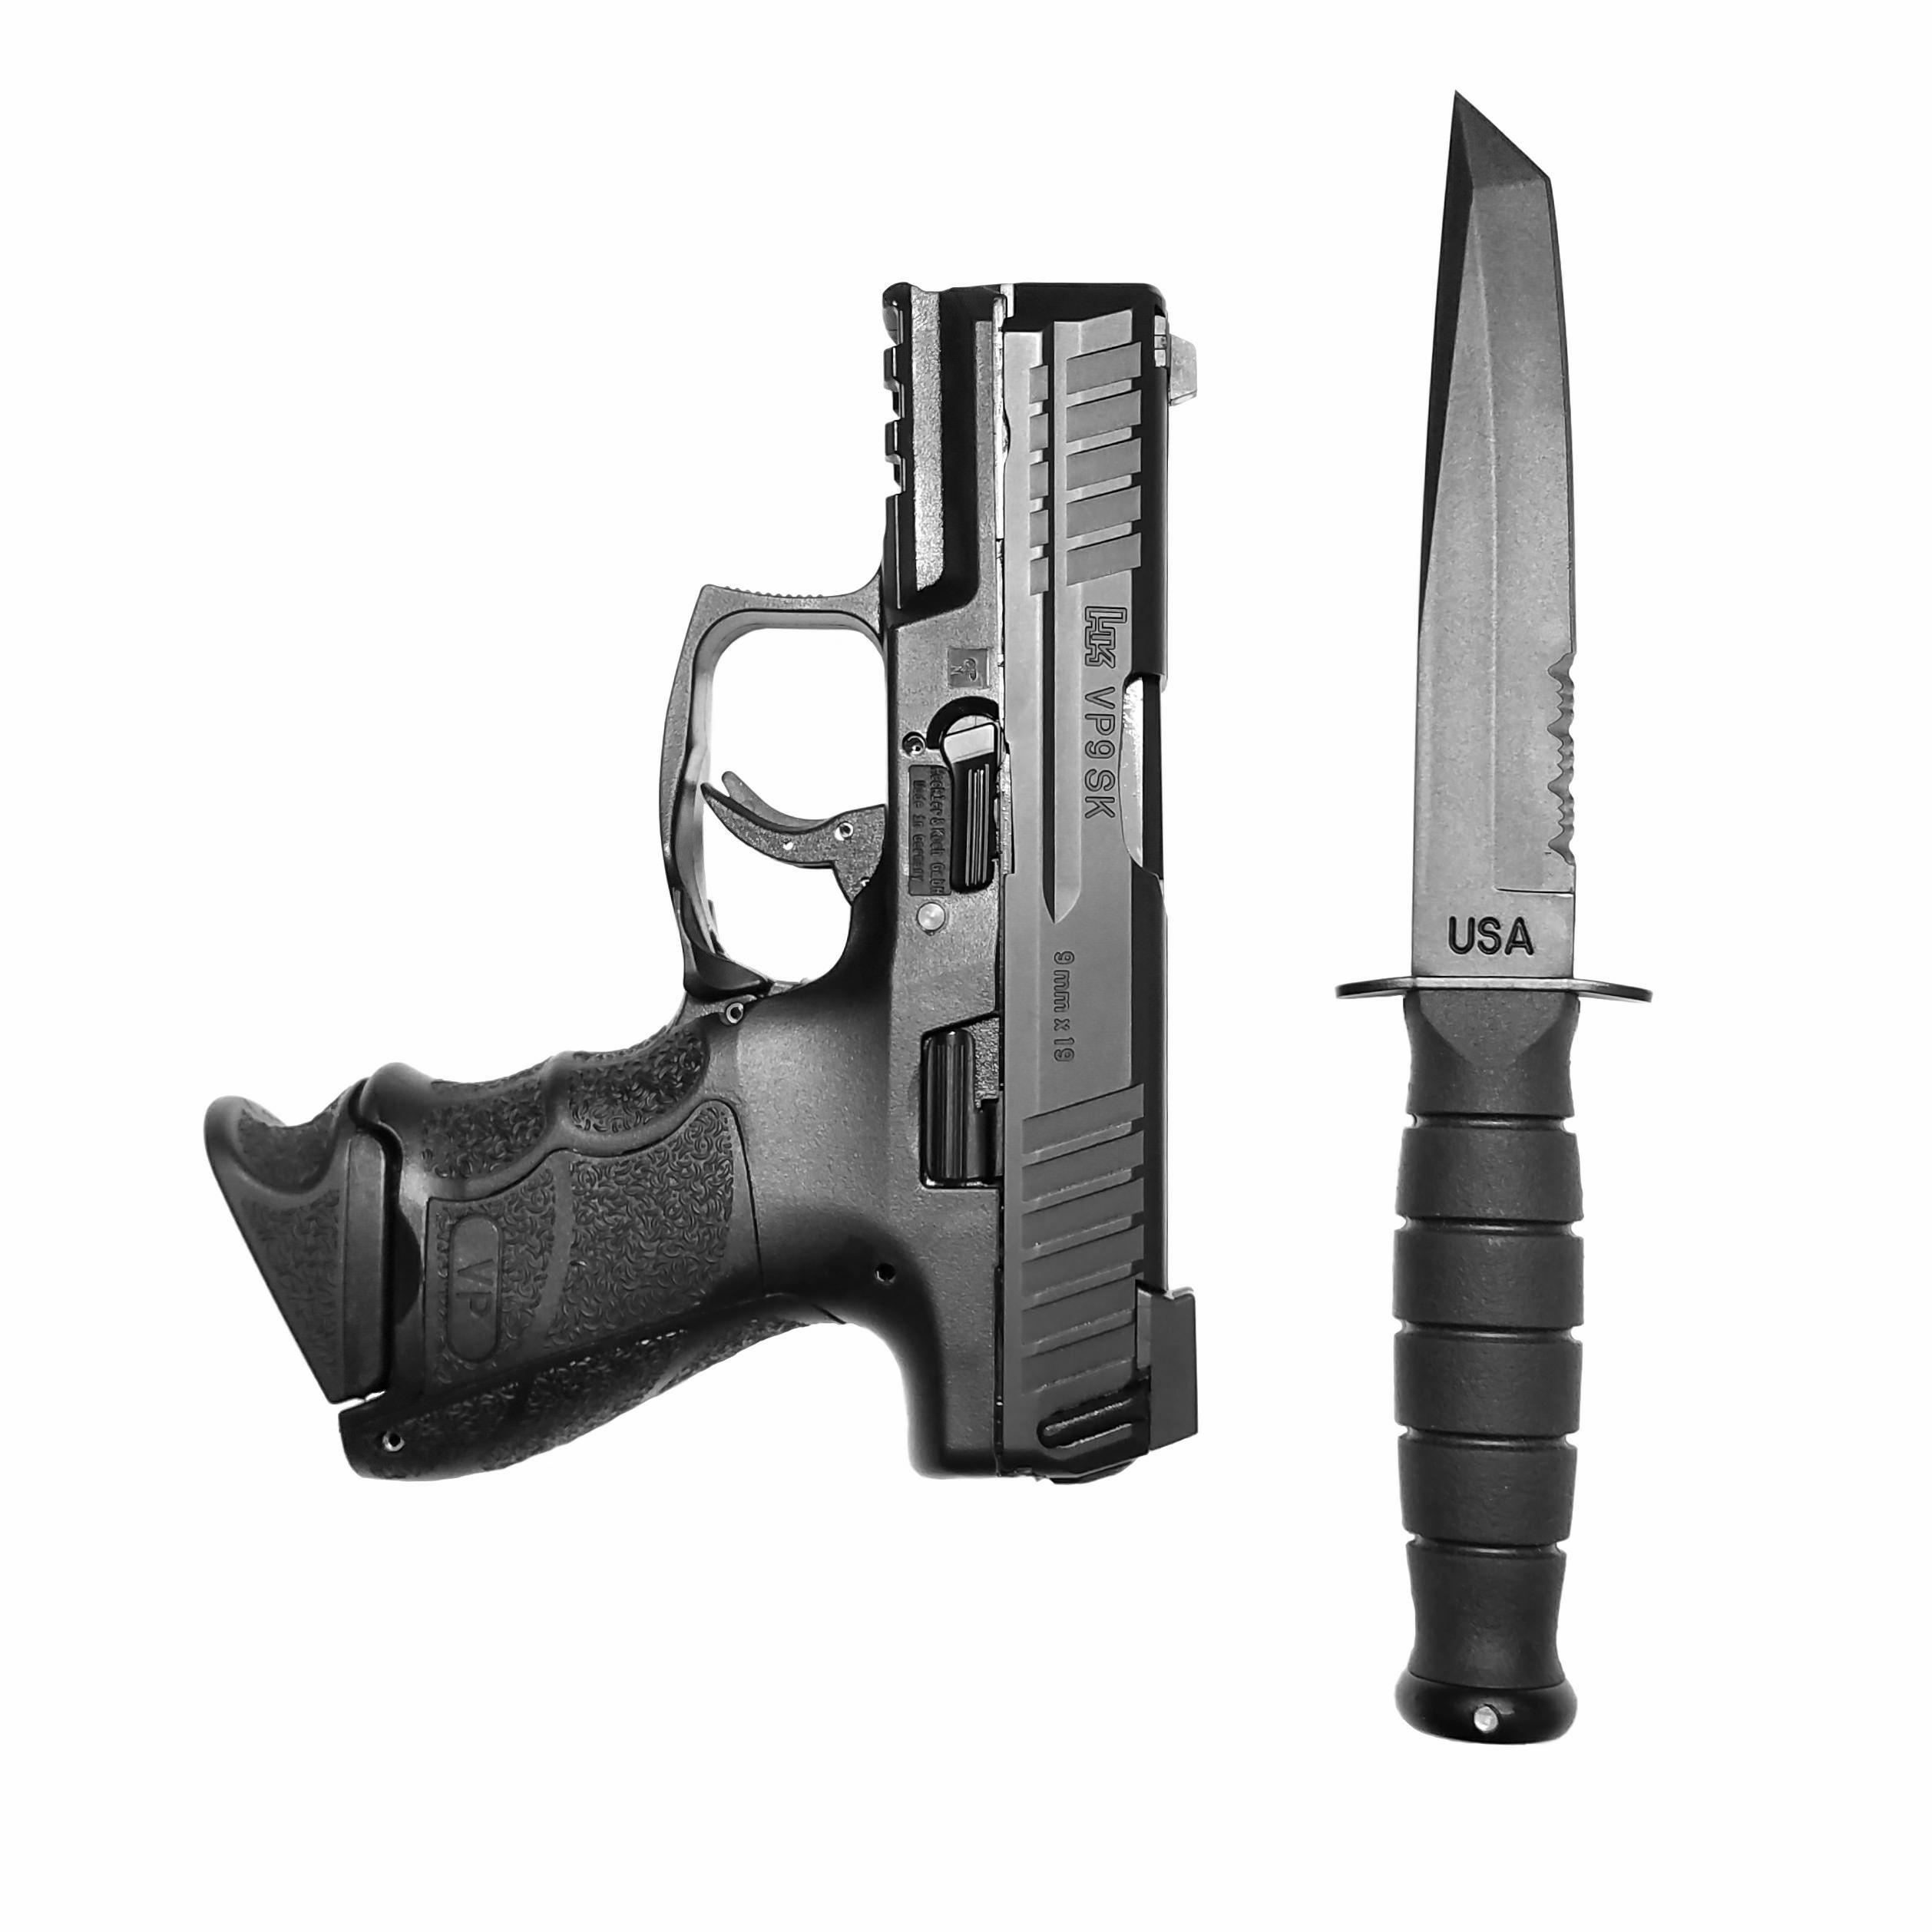 Midnight Bronze HK VP9SK Vp9sk 9mm Guns Firearms Hand Guns